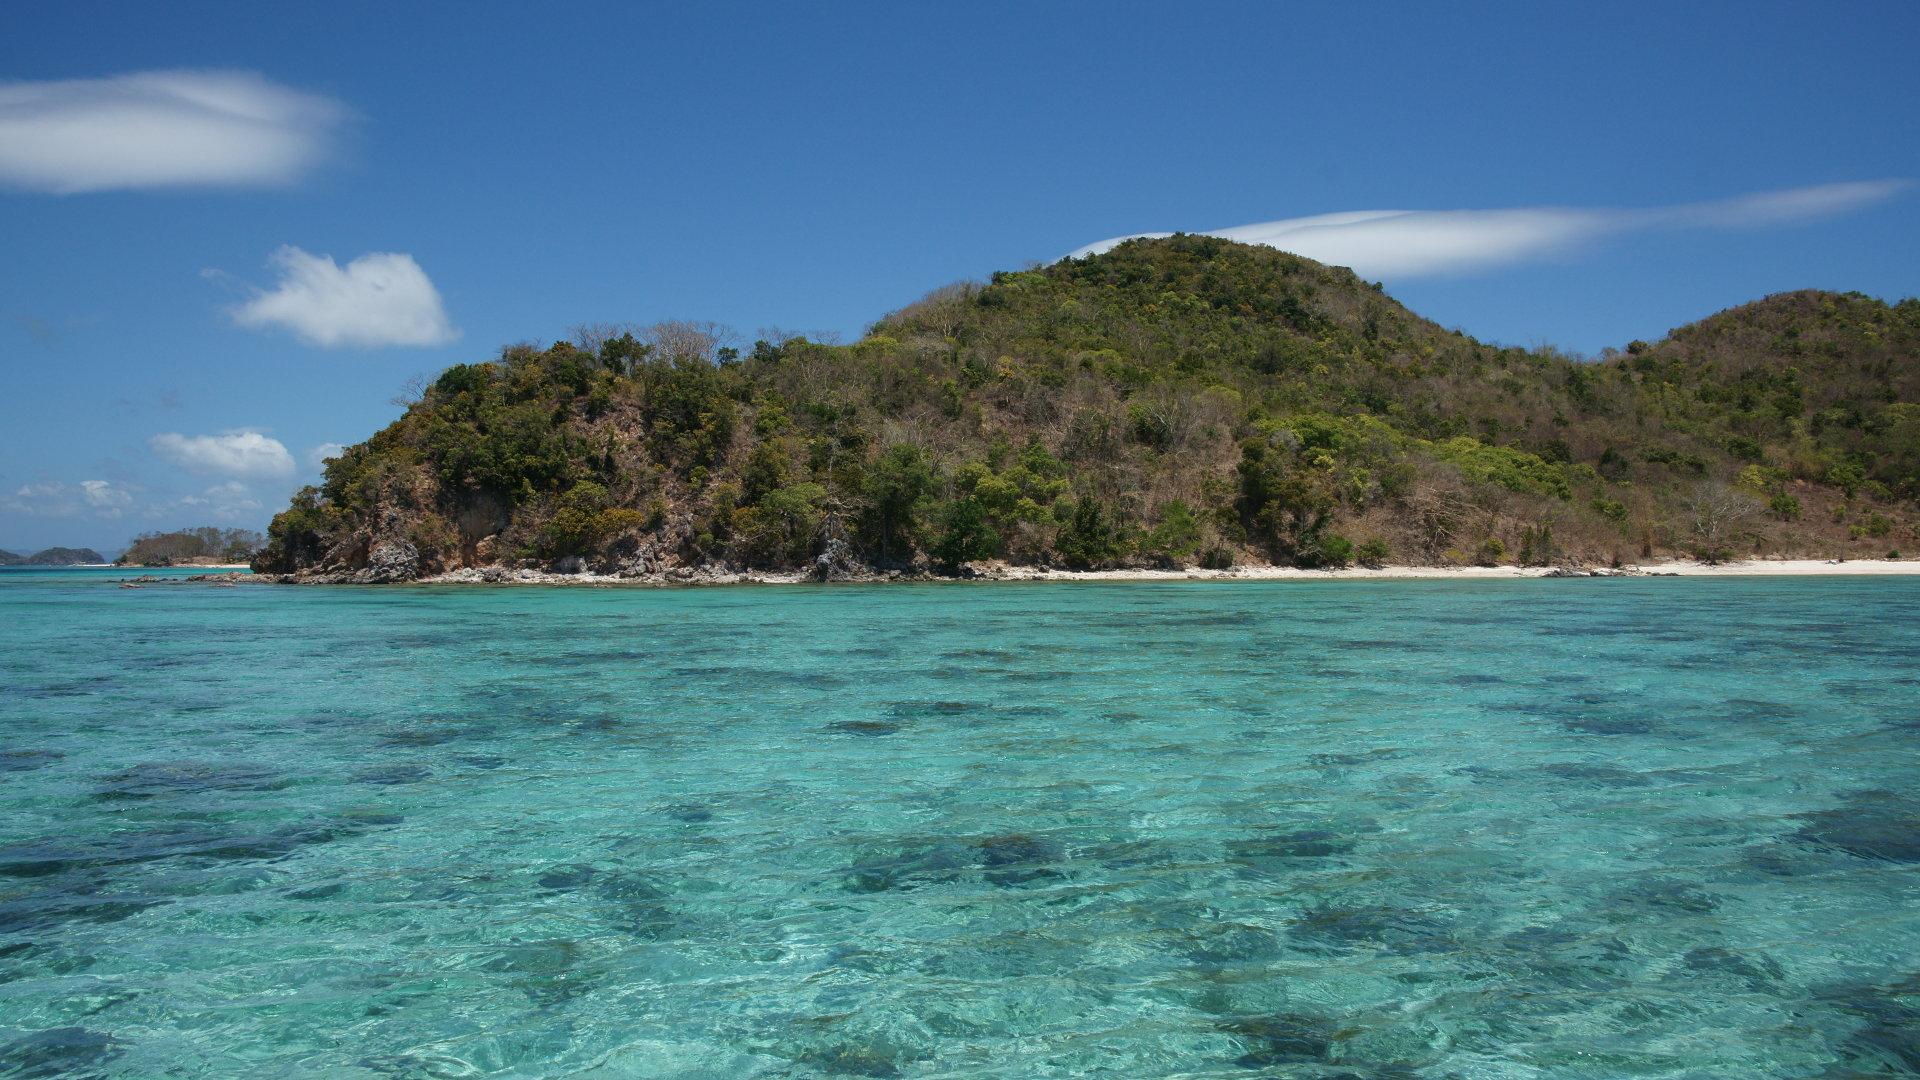 48 1080p wallpaper ocean on wallpapersafari - Beach hd wallpapers 1080p ...